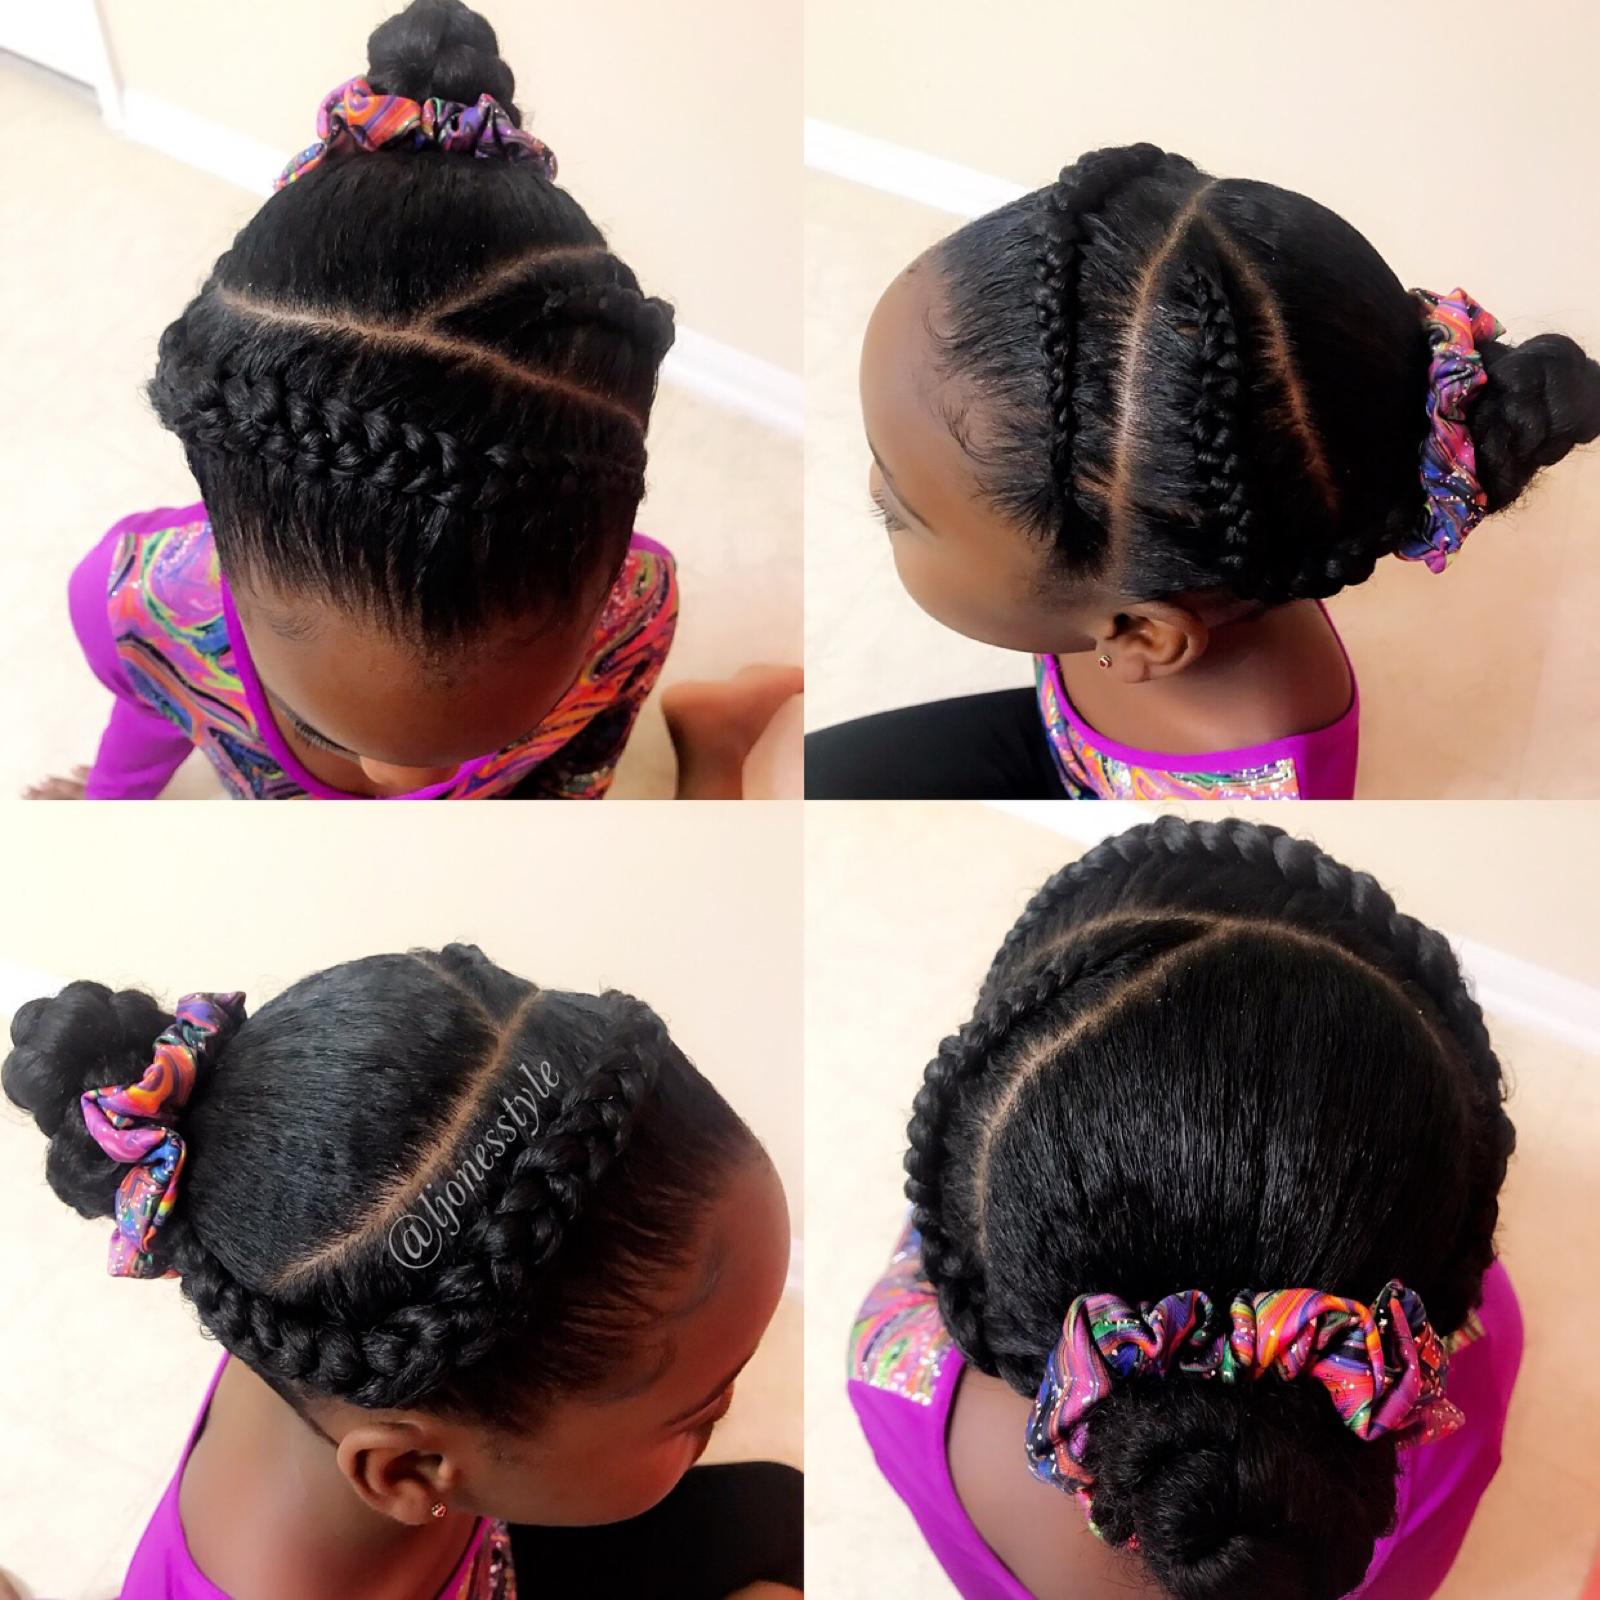 Black Girls Gymnastics Hair Blackgirlsrock Naturalhairstyles Gymnast Gymnasticshair Ljonesstyle Girls Natural Hairstyles Gymnastics Hair Competition Hair